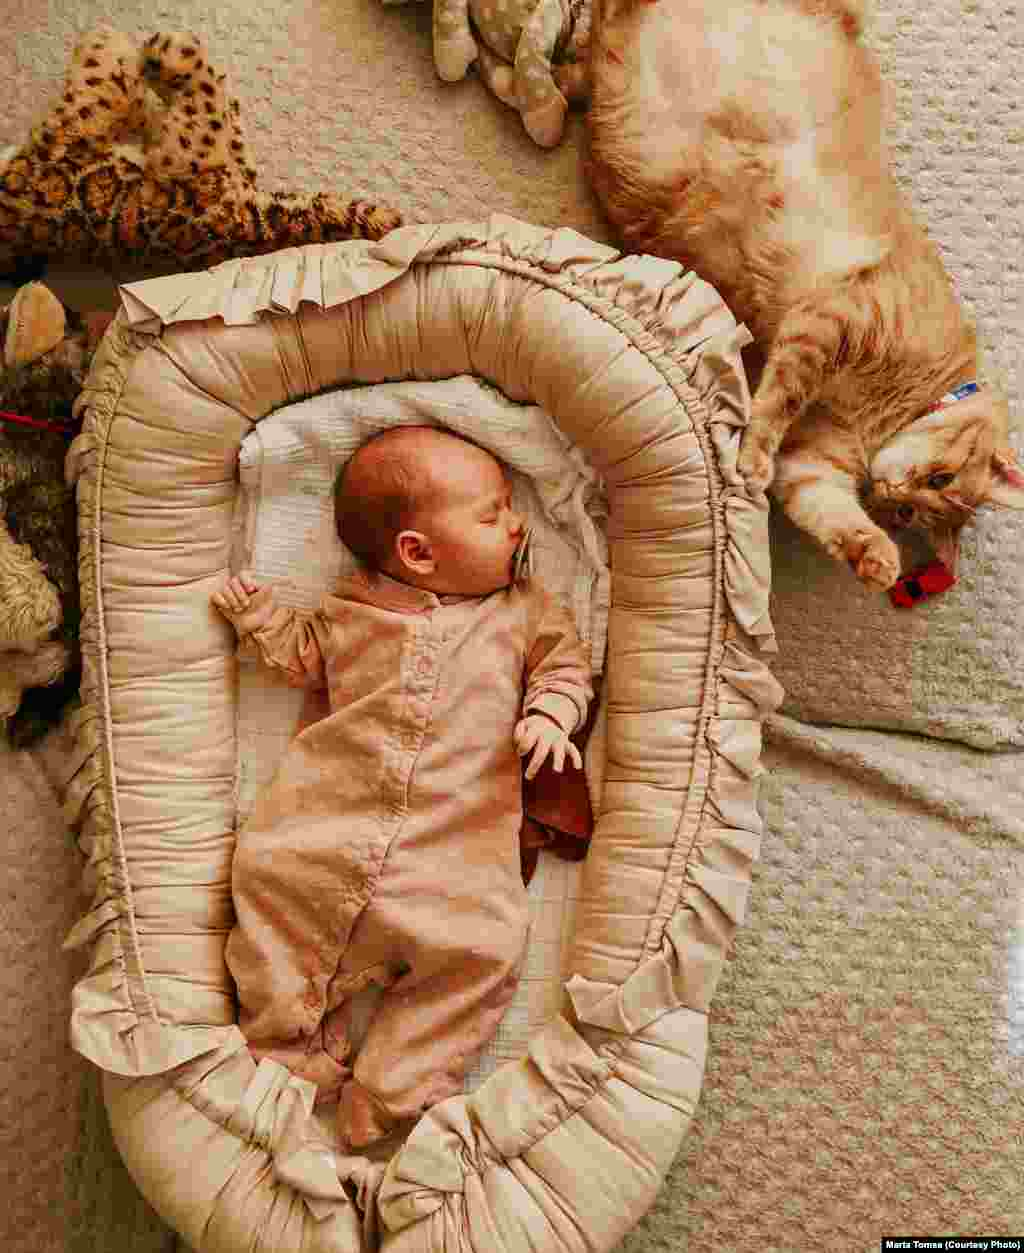 A kis Nora Cristescu mamája profi fotós, ő készítette ezt a képet. A cicájuk is profi modell, természetesen.